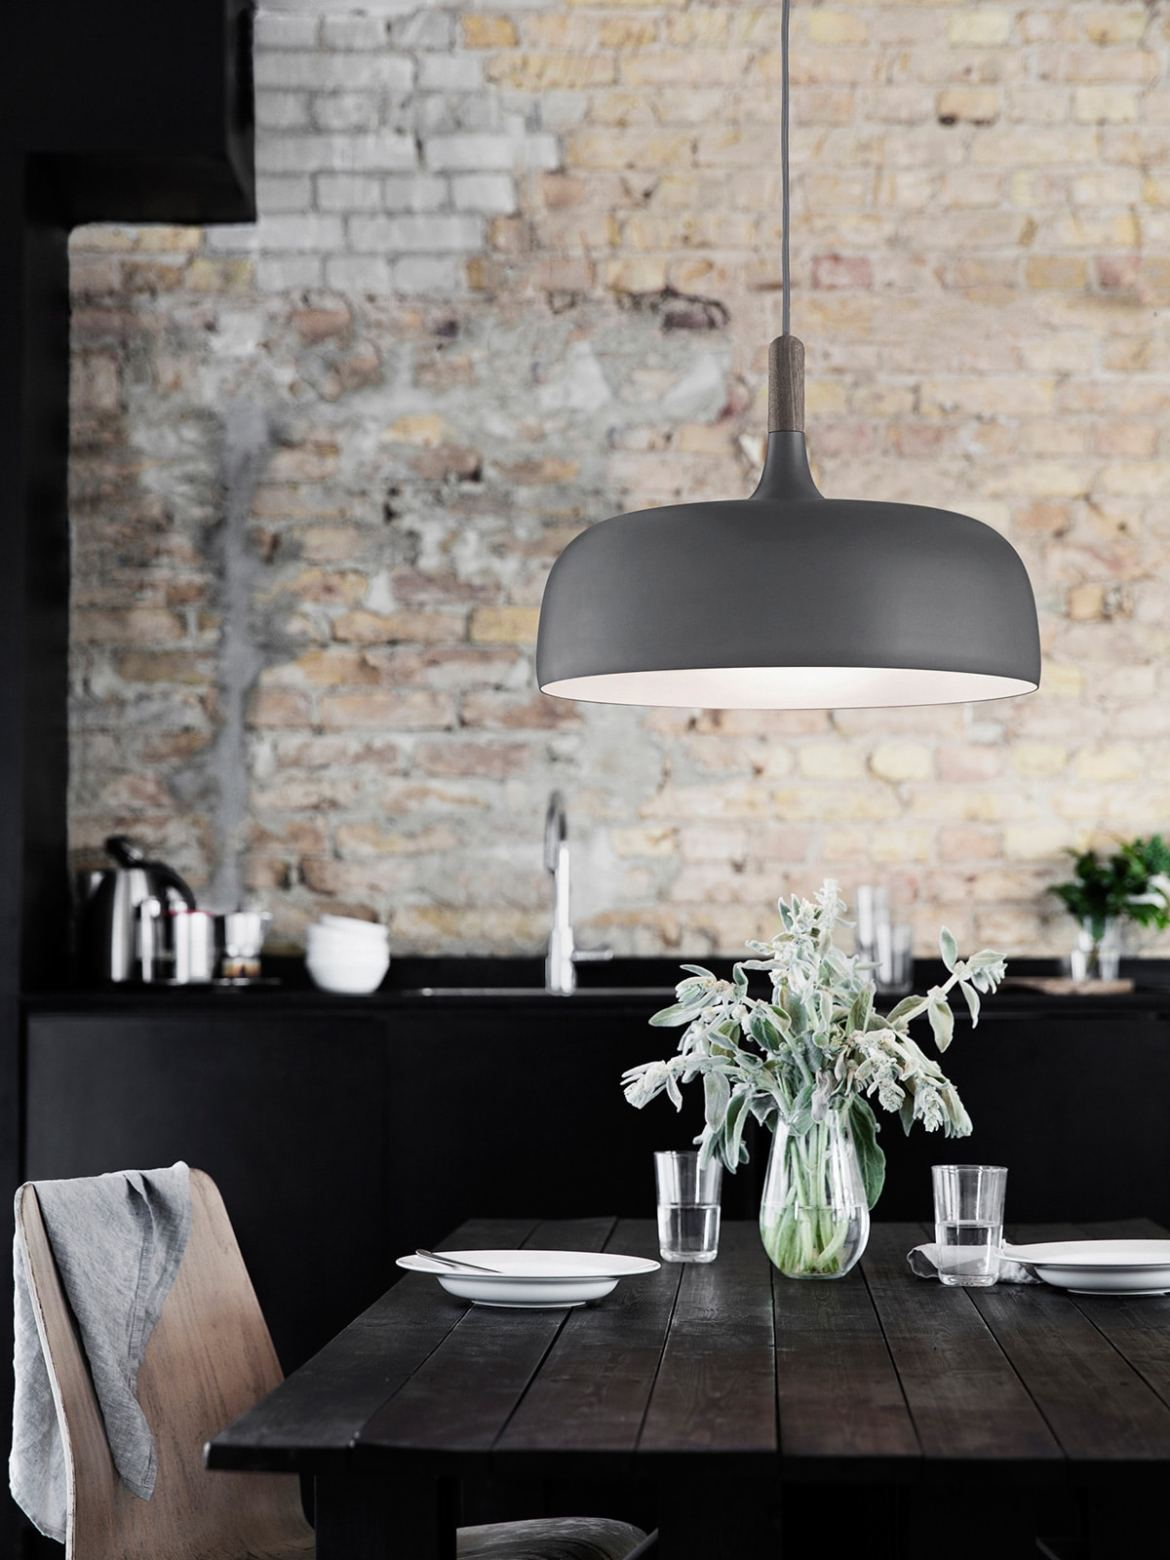 DesignOrt Blog: Esstischleuchten Acorn von Northern #skandinavisch #design #lampe #wohnen